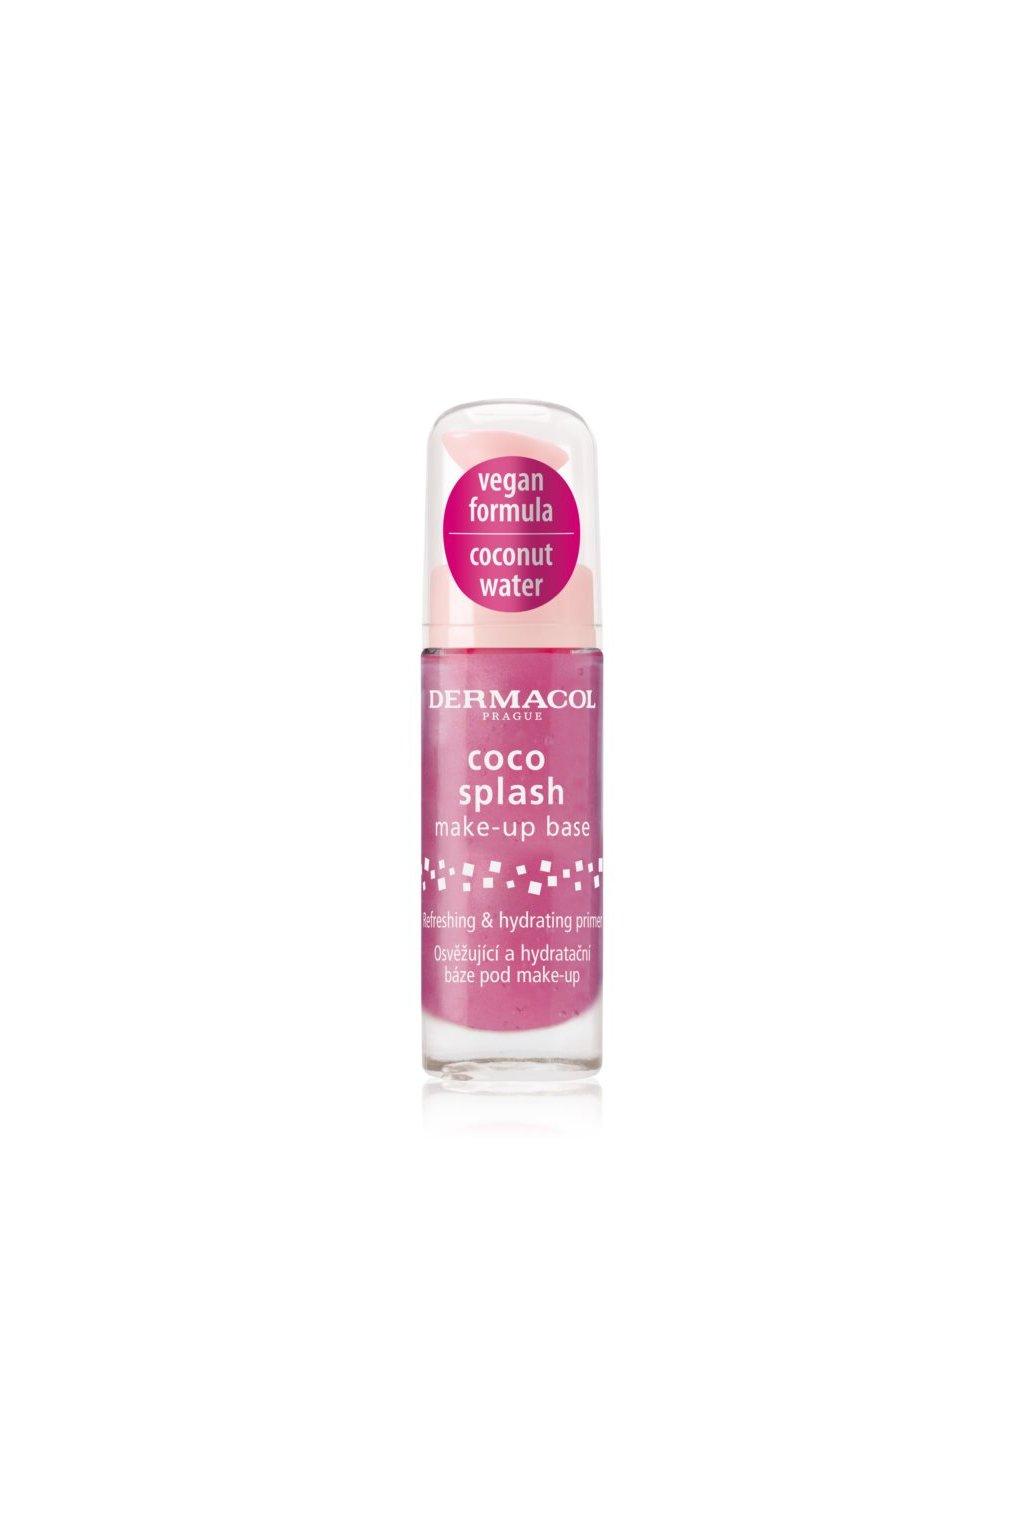 dermacol coco splash hydratacni podkladova baze podmake up